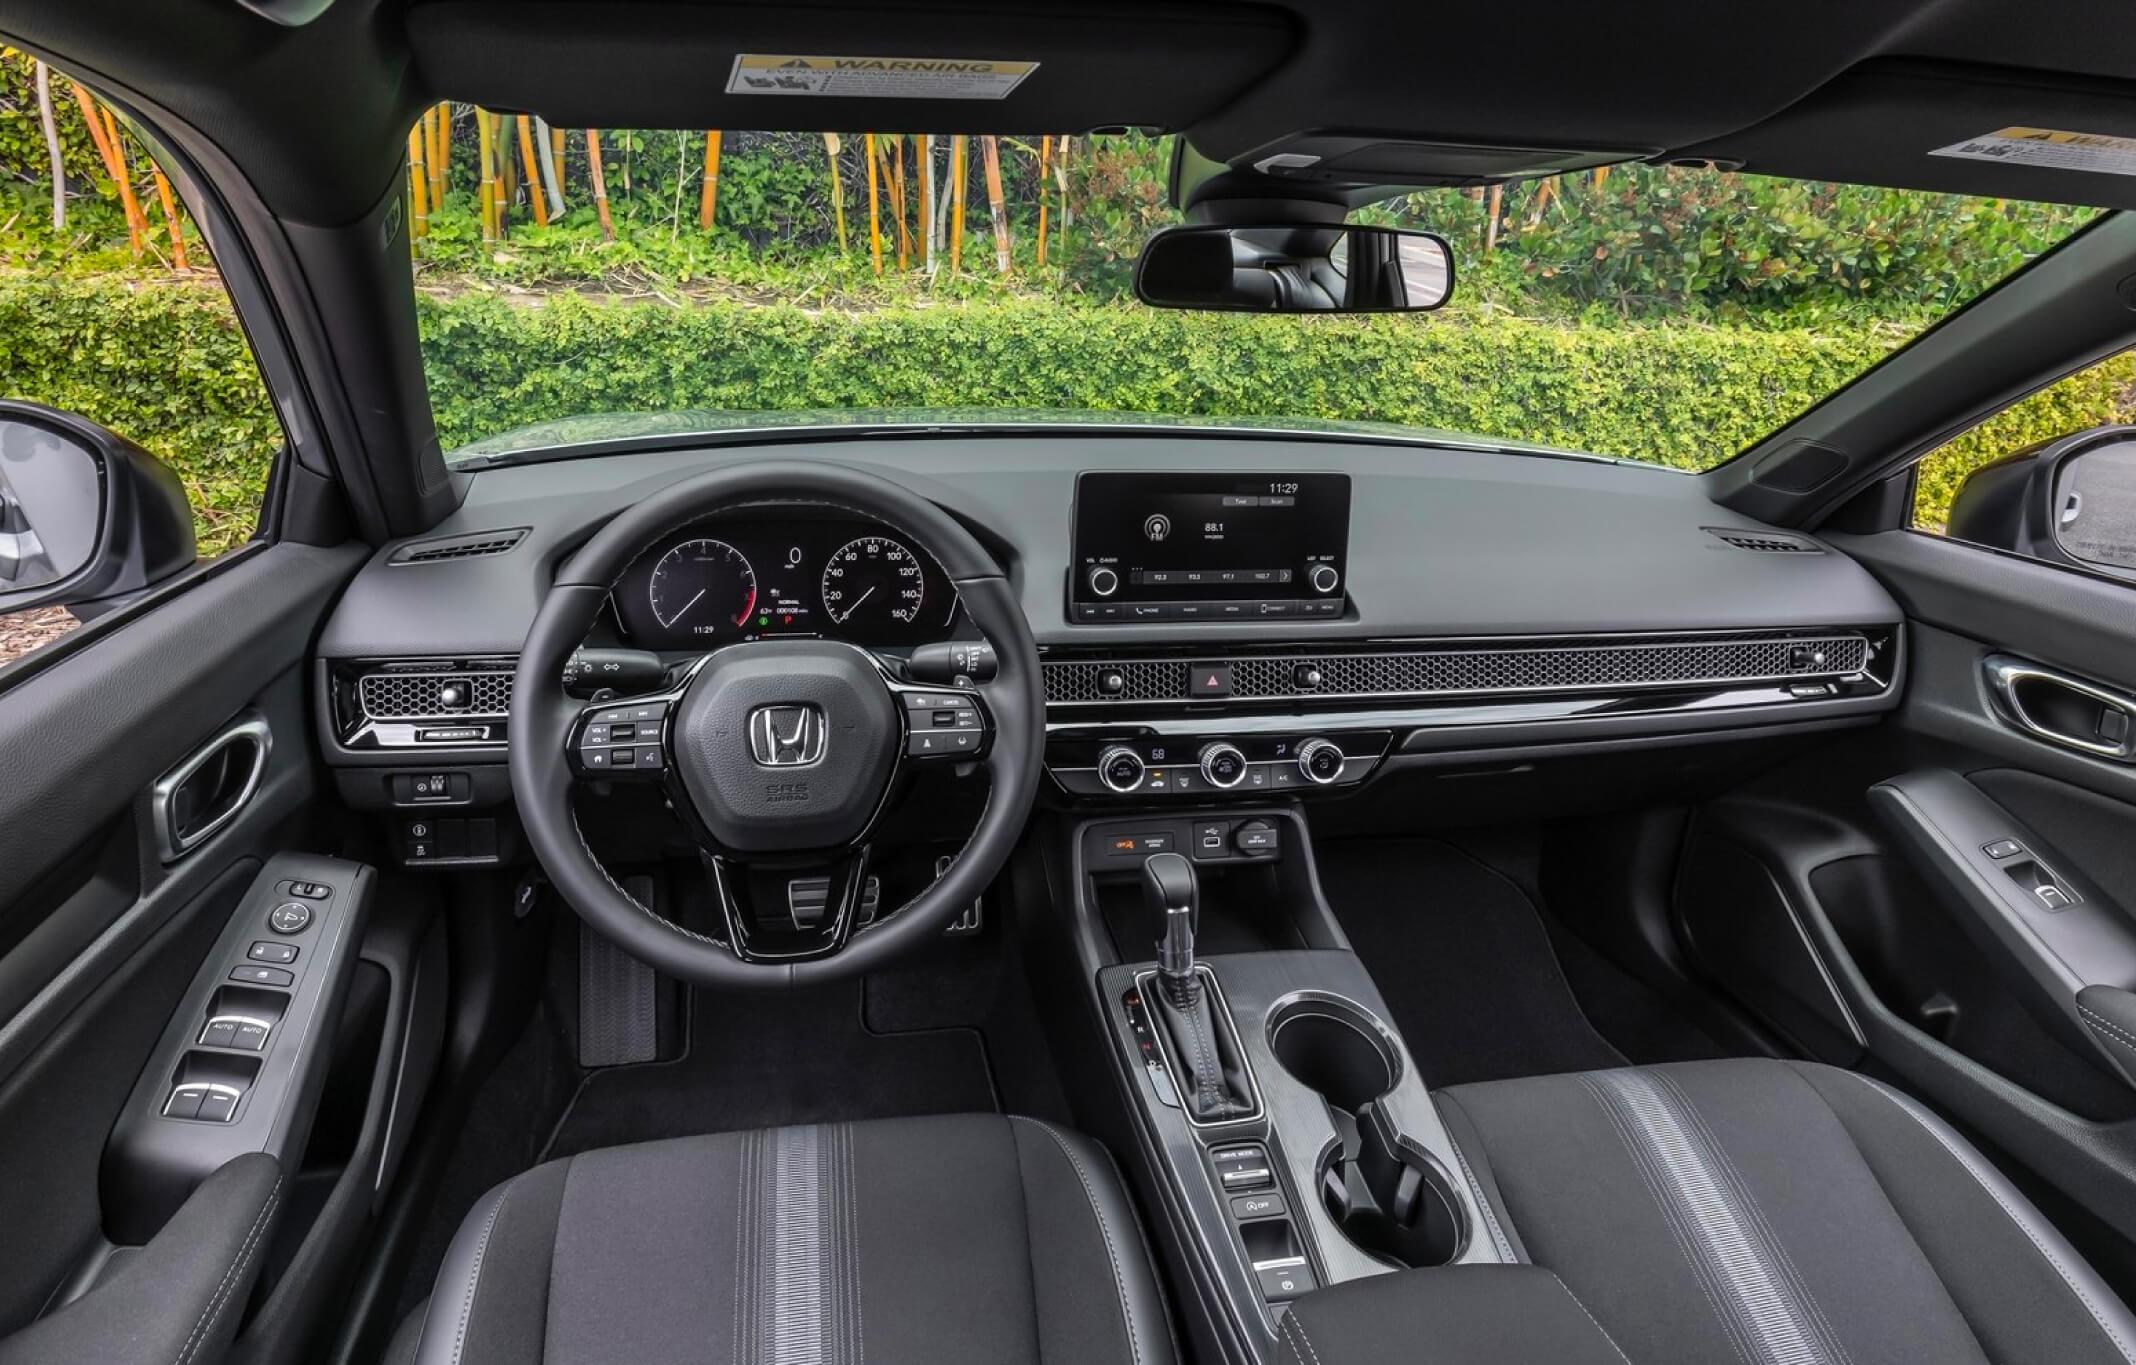 Meet the All-New 2022 Honda Civic Sedan